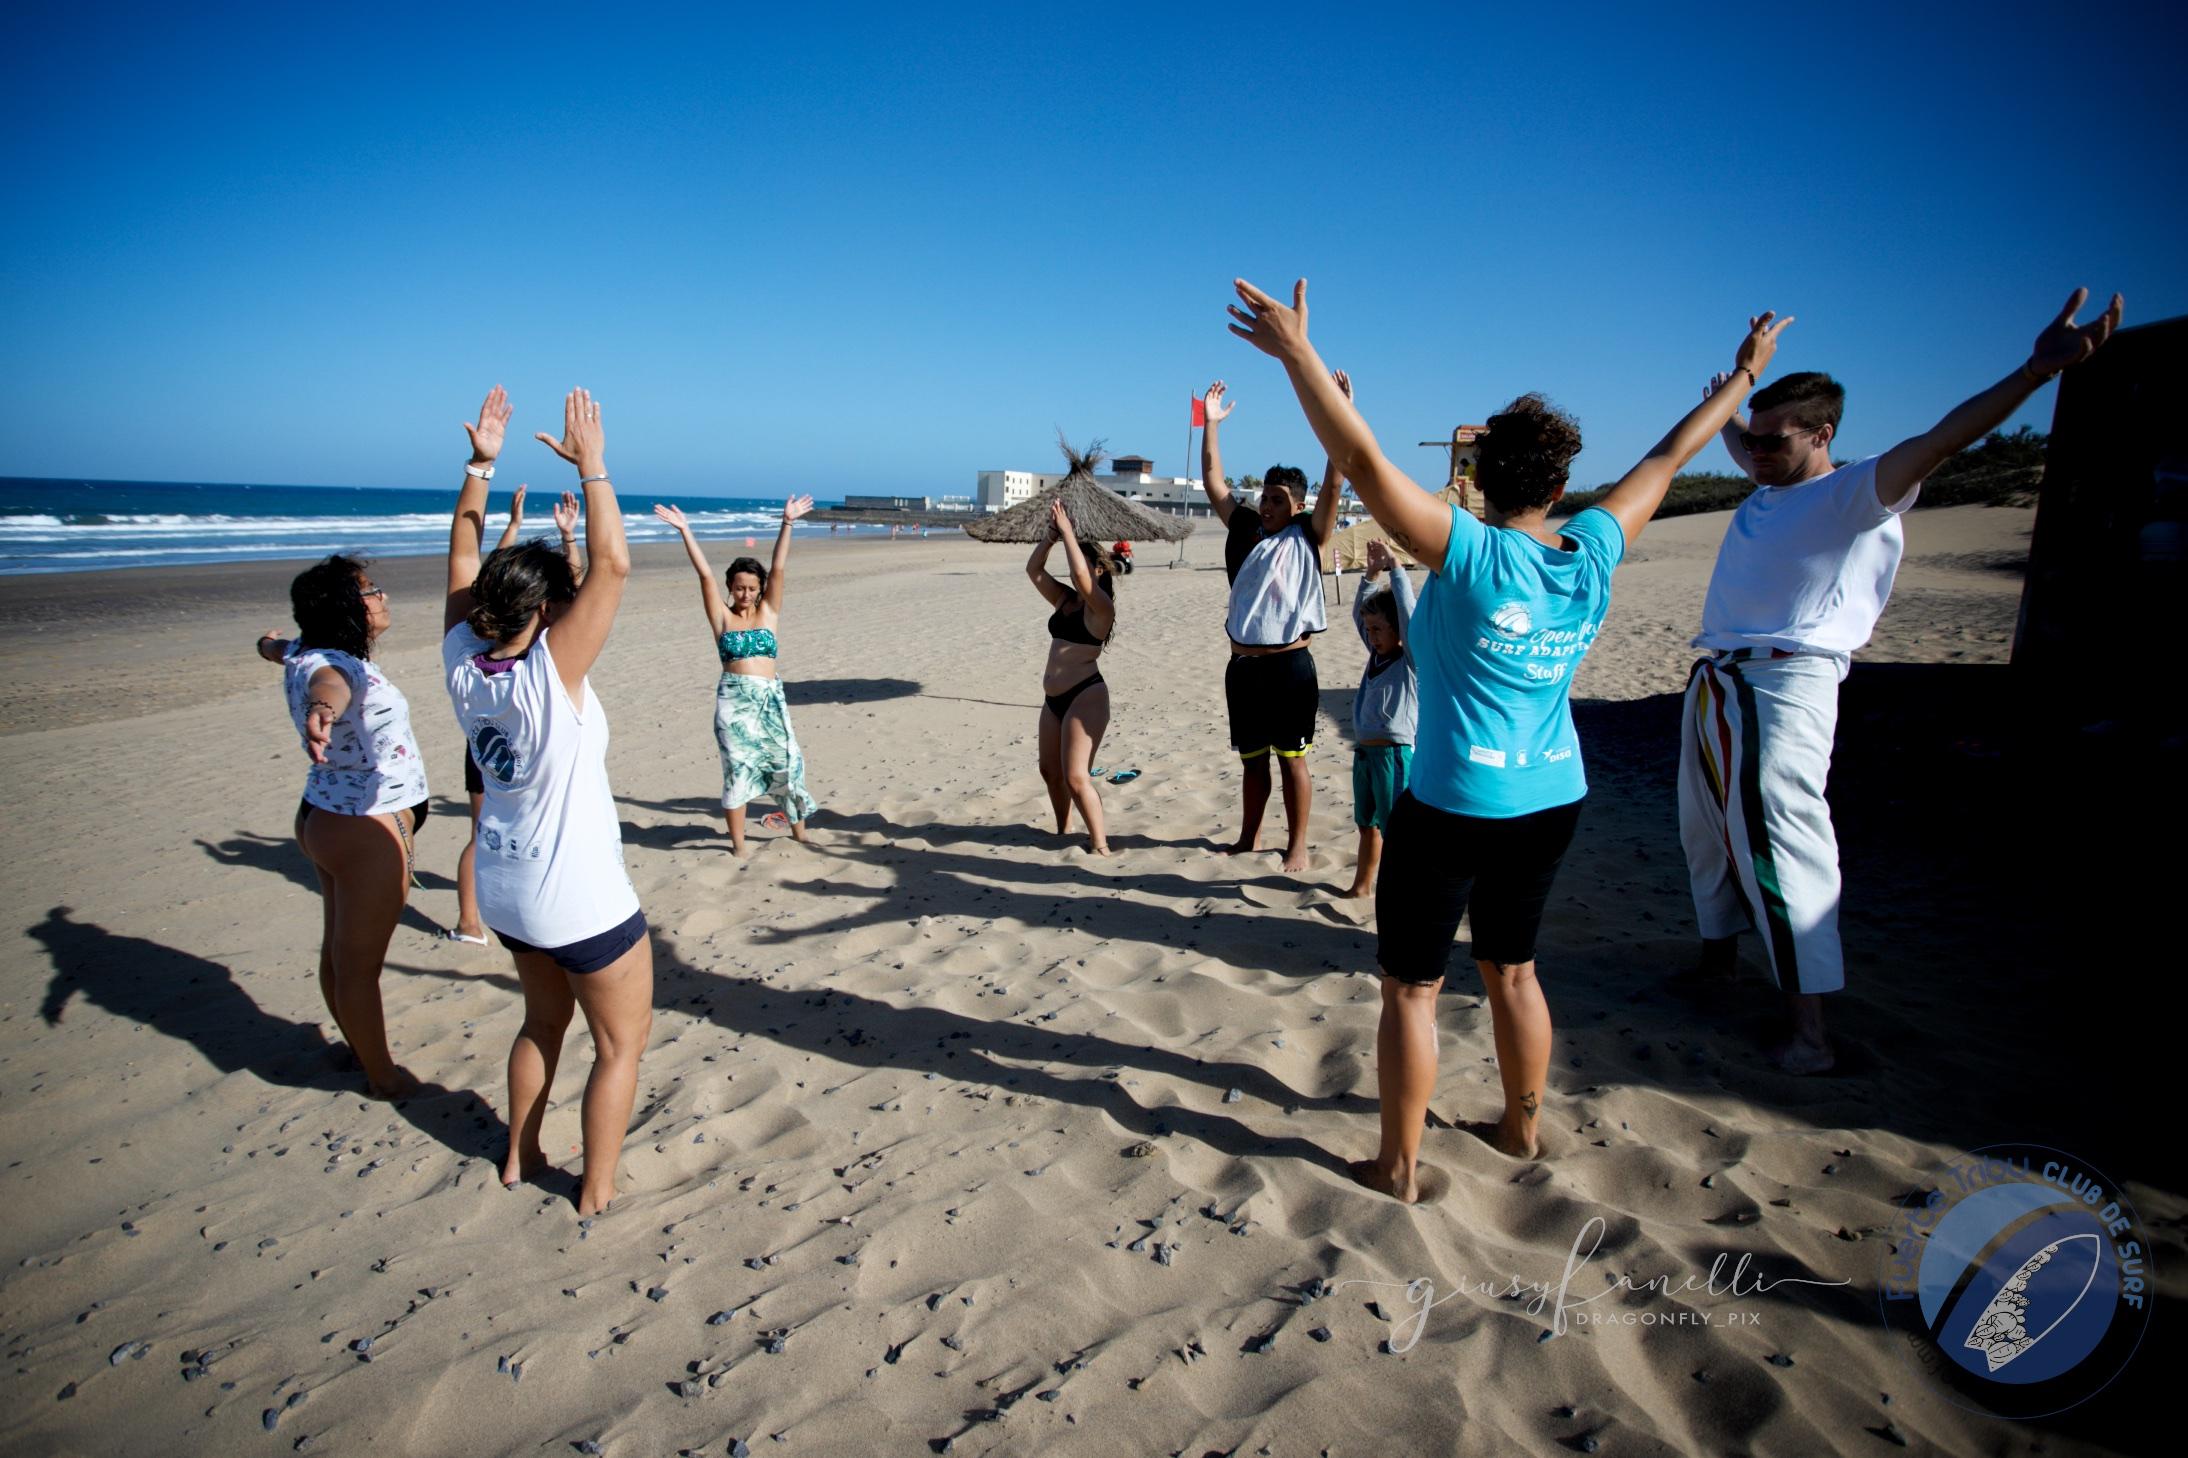 Fuertetribu_surfadaptado_adaptivesurfing_surf_kidsIMG_3502.jpg